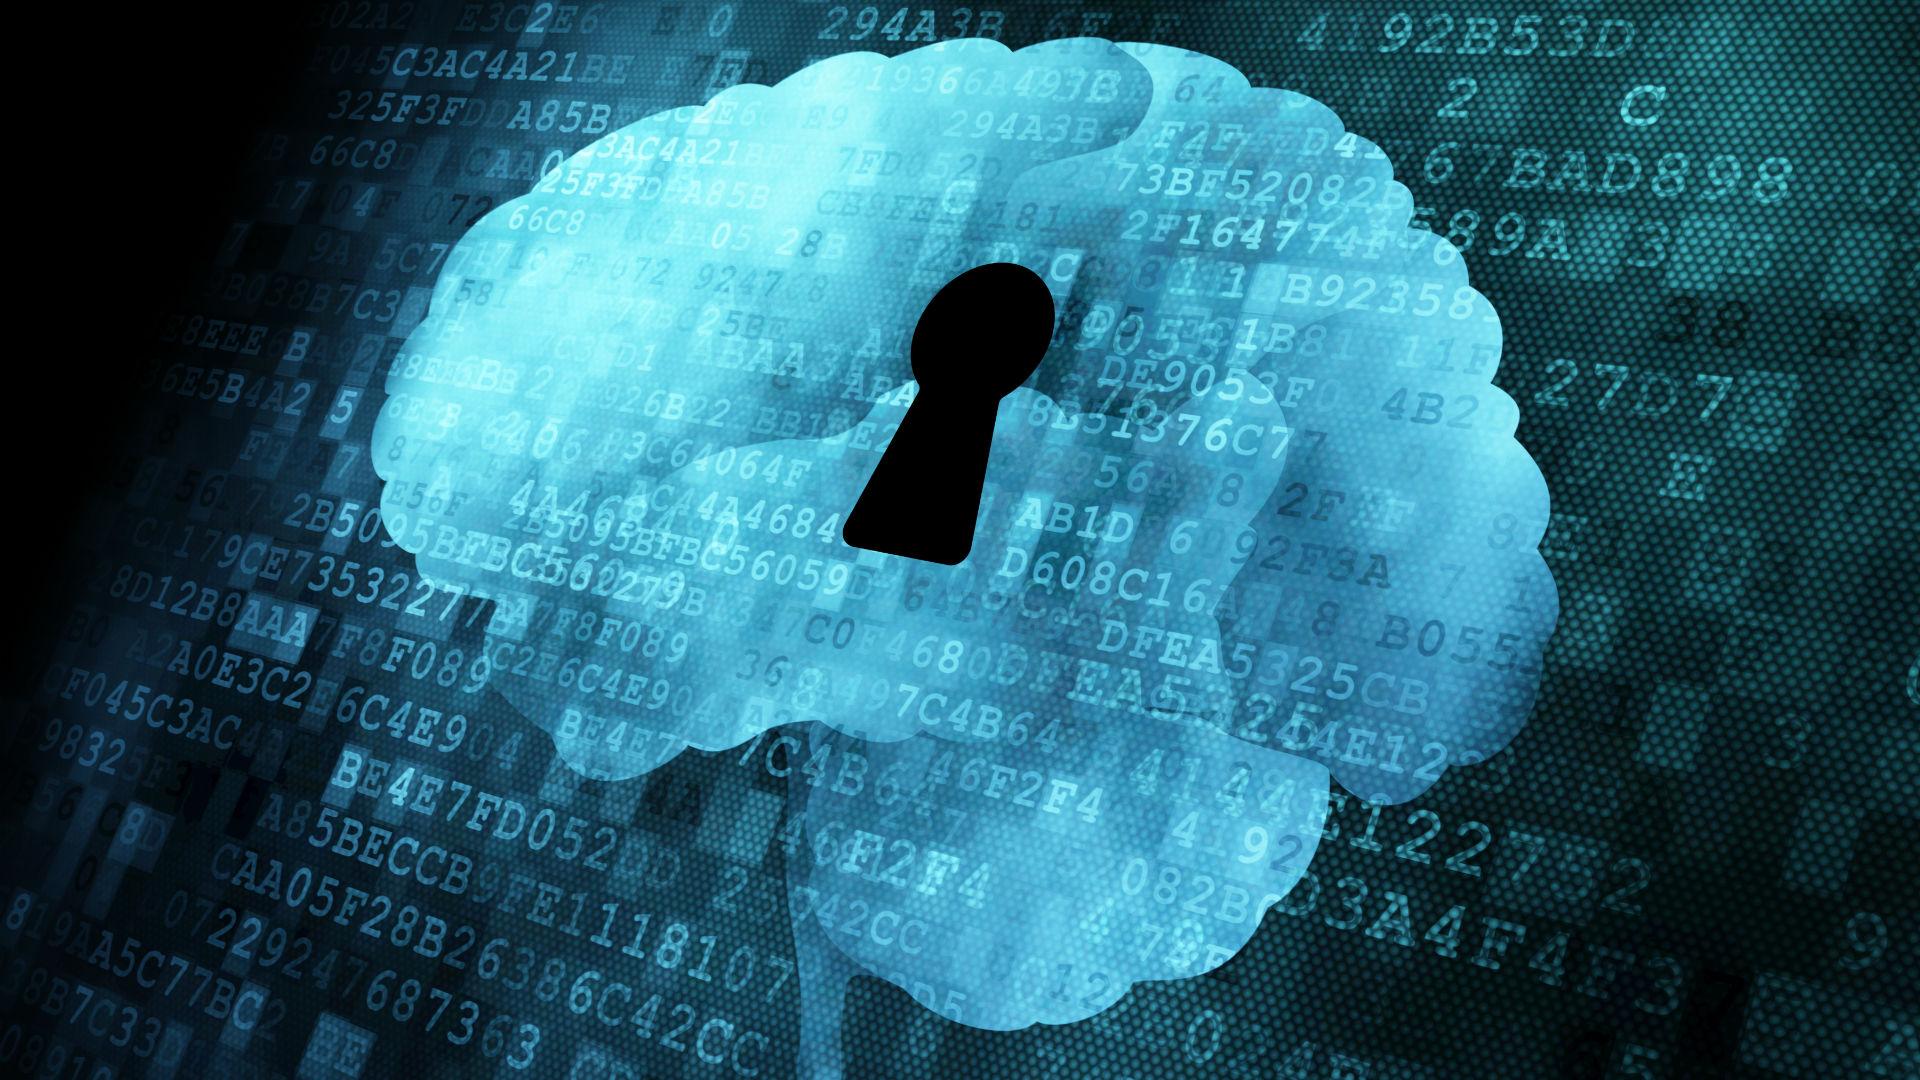 神經營銷介紹:什麼是神經營銷,企業主如何透過腦神經科學成功?